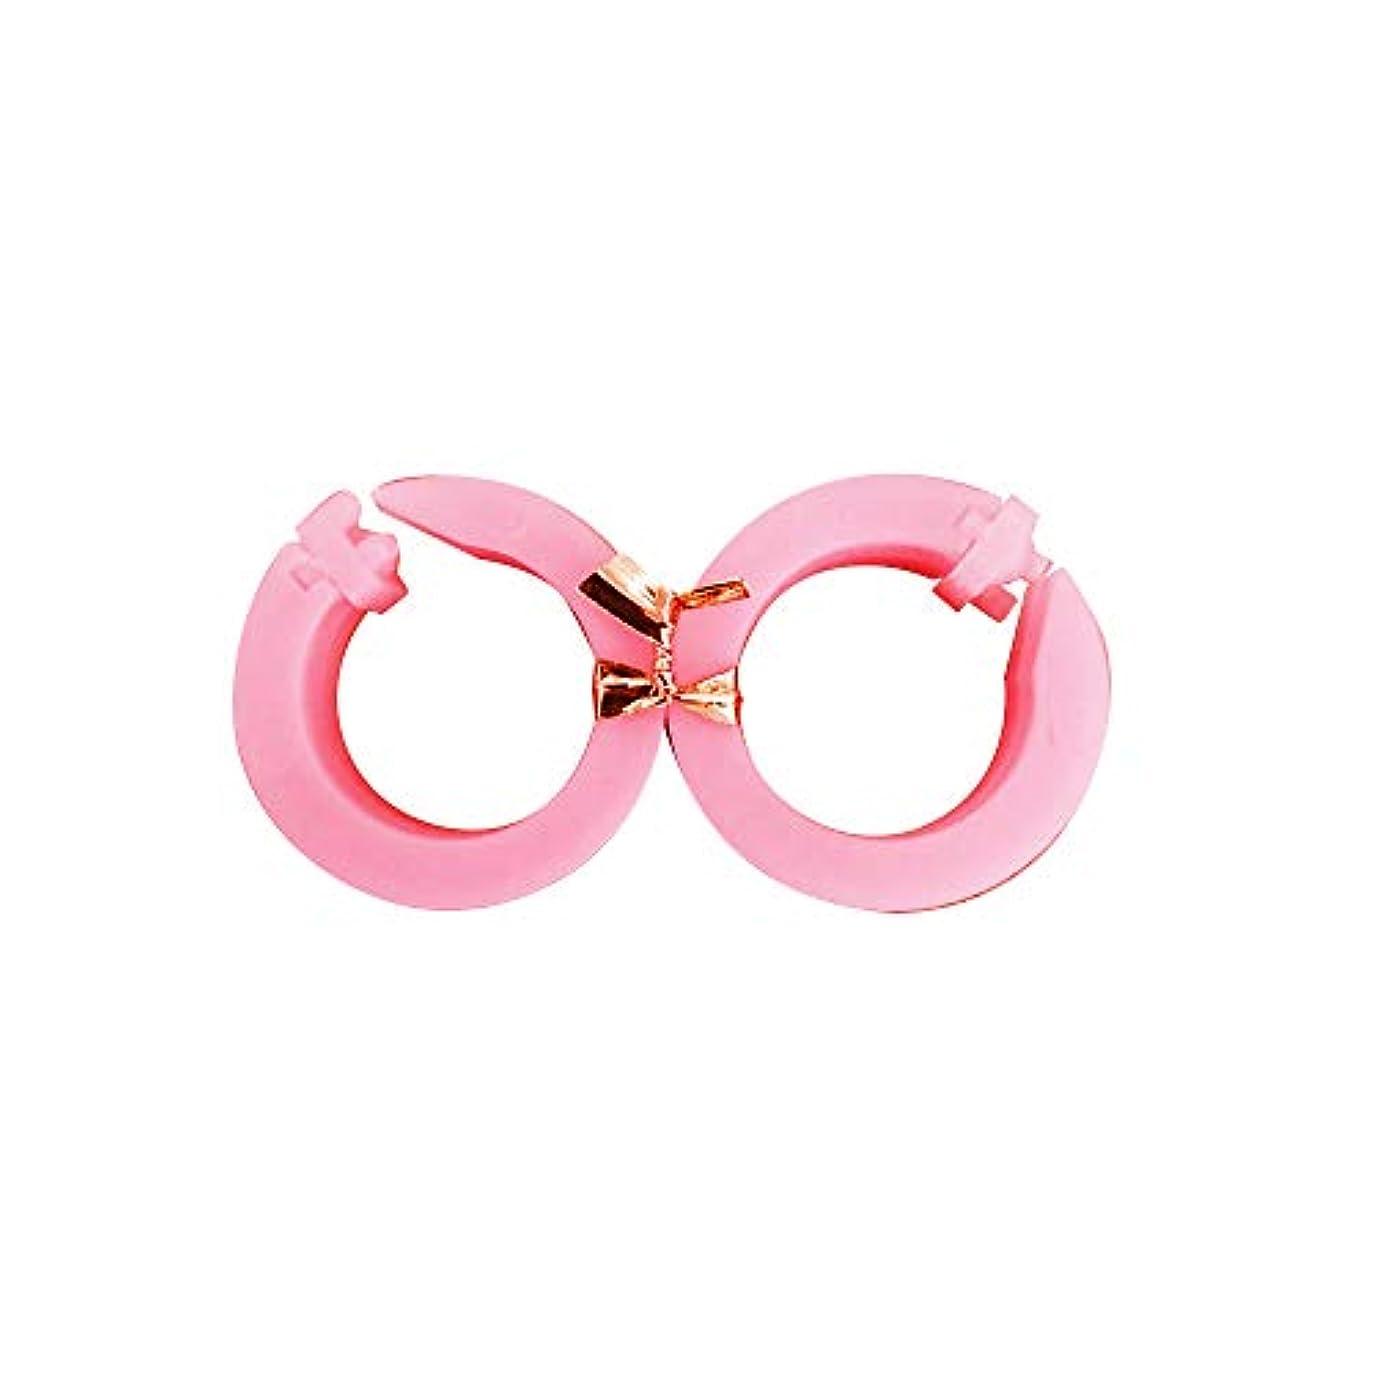 メトリック求人瞑想的サフランフィールド 耳つぼ美人 ピンク 耳つぼ ダイエット リング 美容 ダイエット器具 美ら工房サフラン